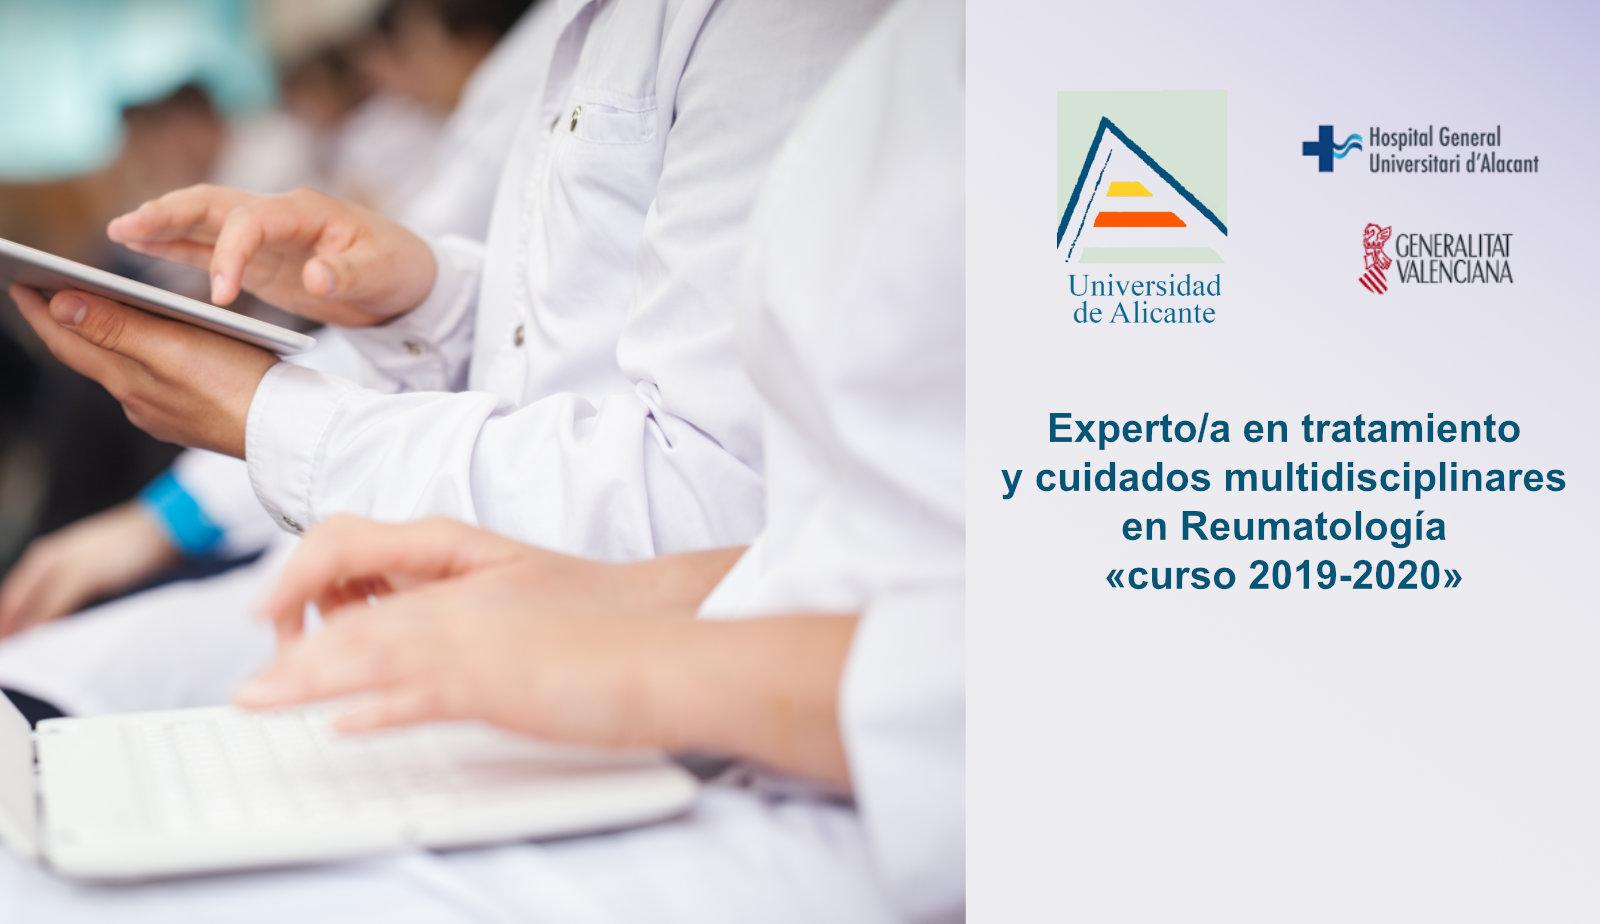 Experto/a en tratamiento y cuidados multidisciplinares en Reumatología (curso 2019-2020)